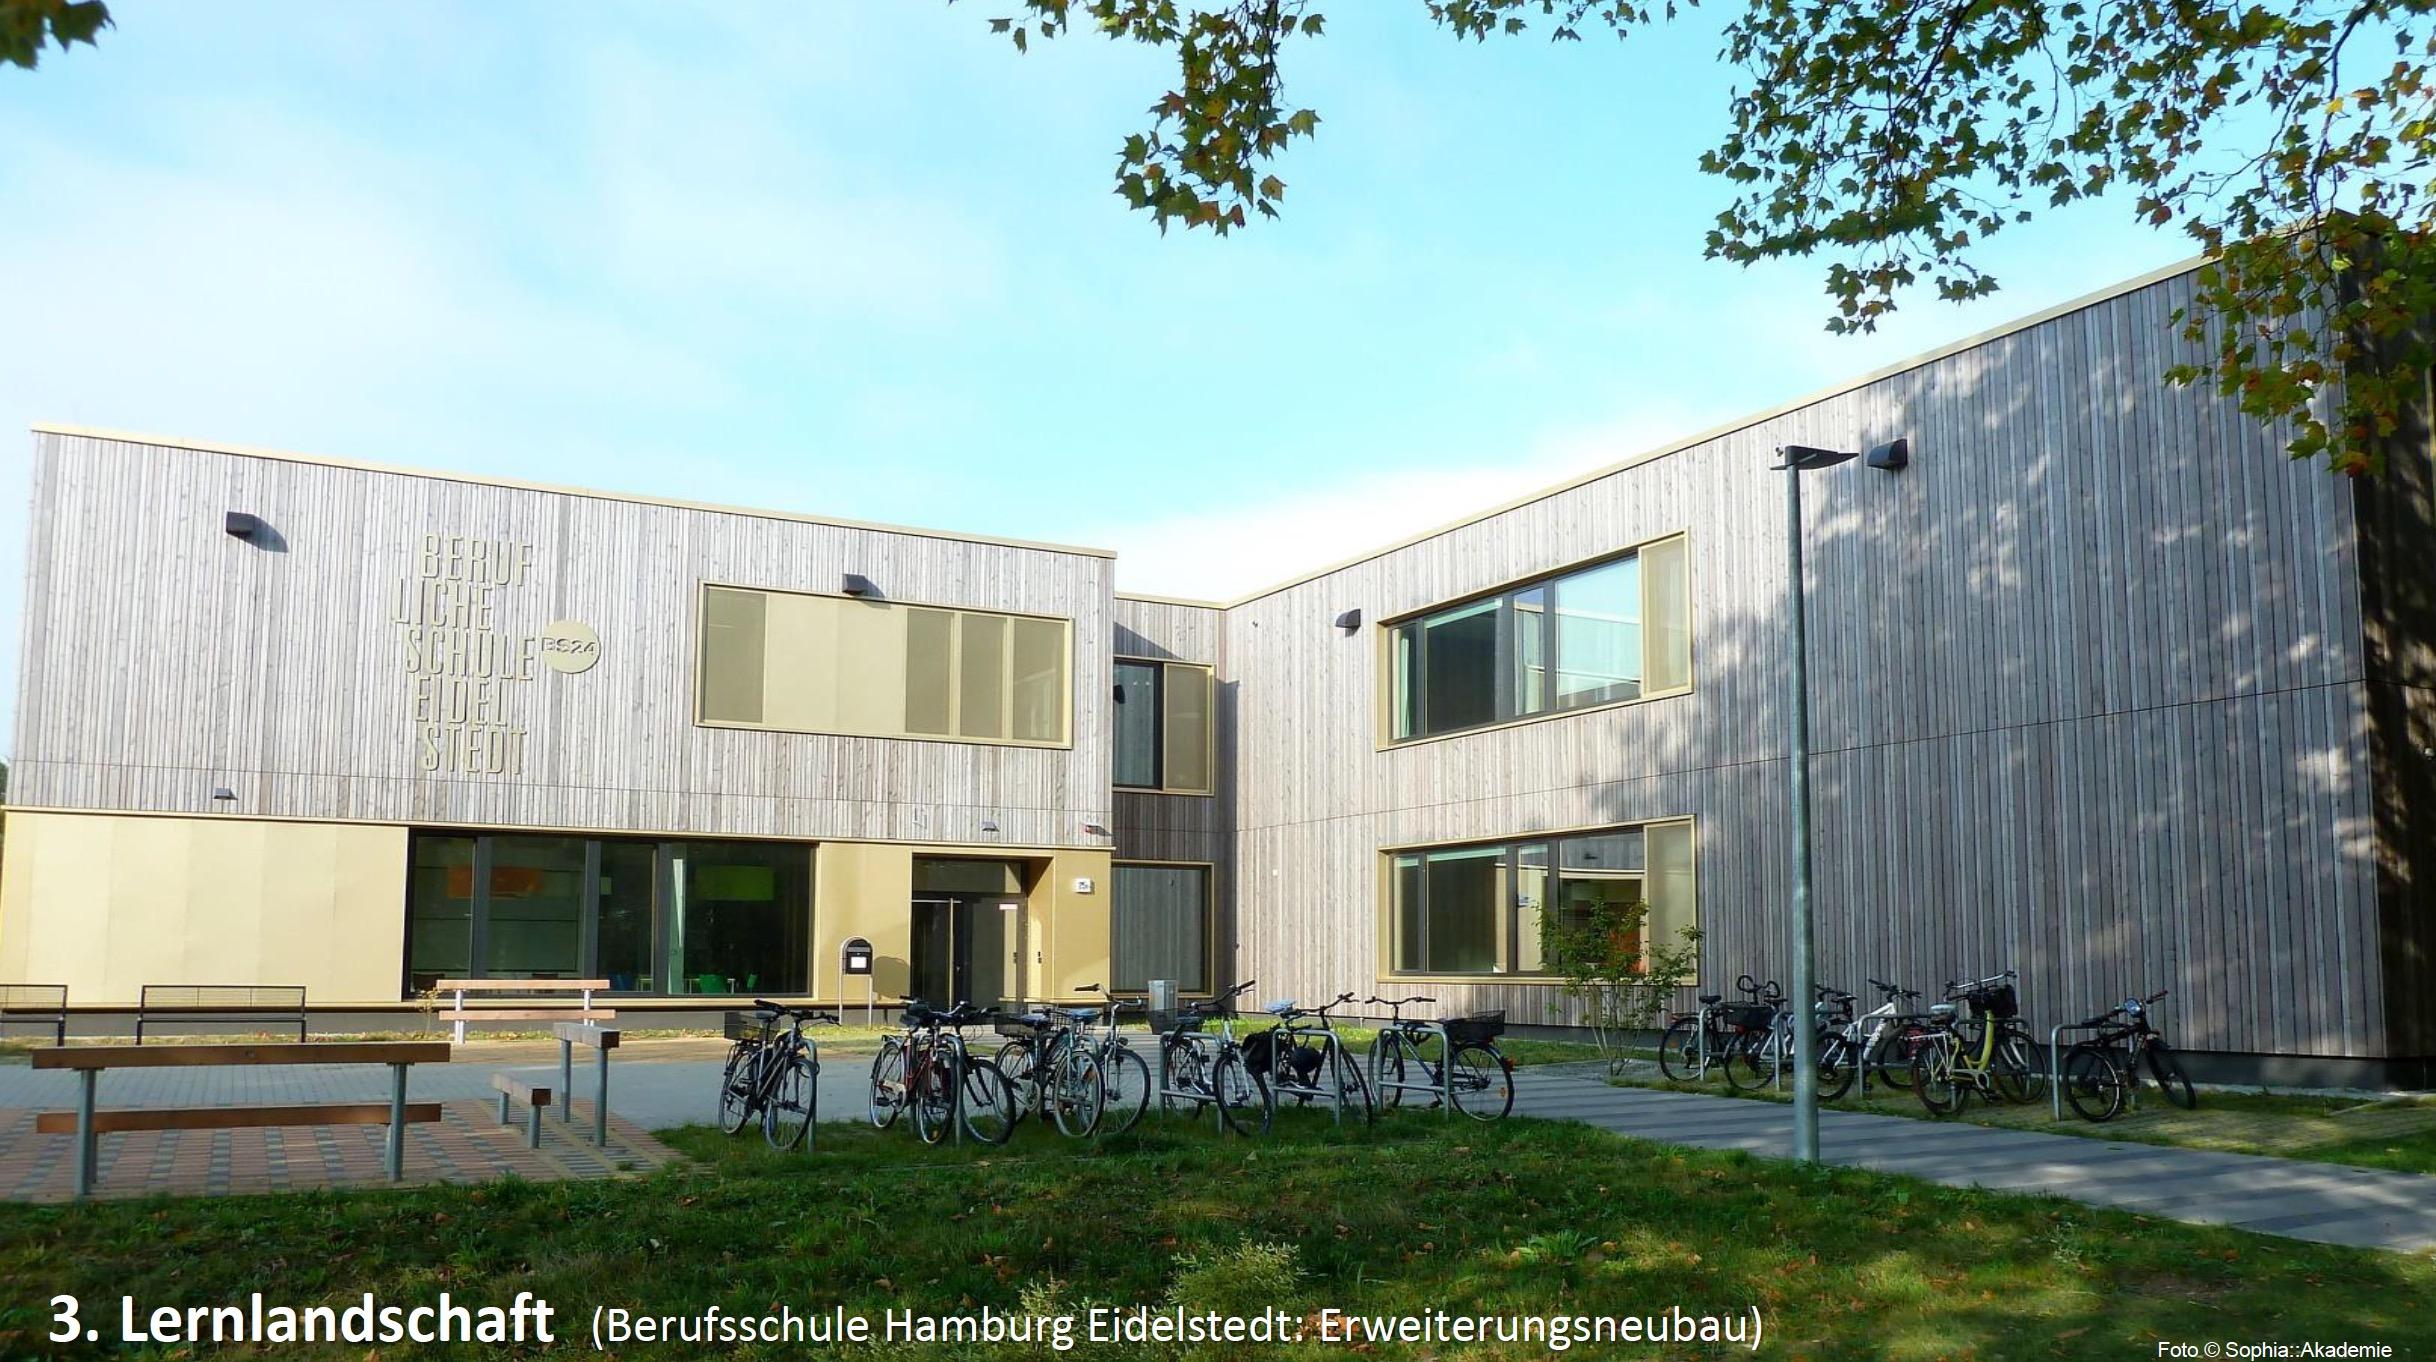 Beispiel für Schulbautypologie: Lernlandschaft ©Sophia::Akademie